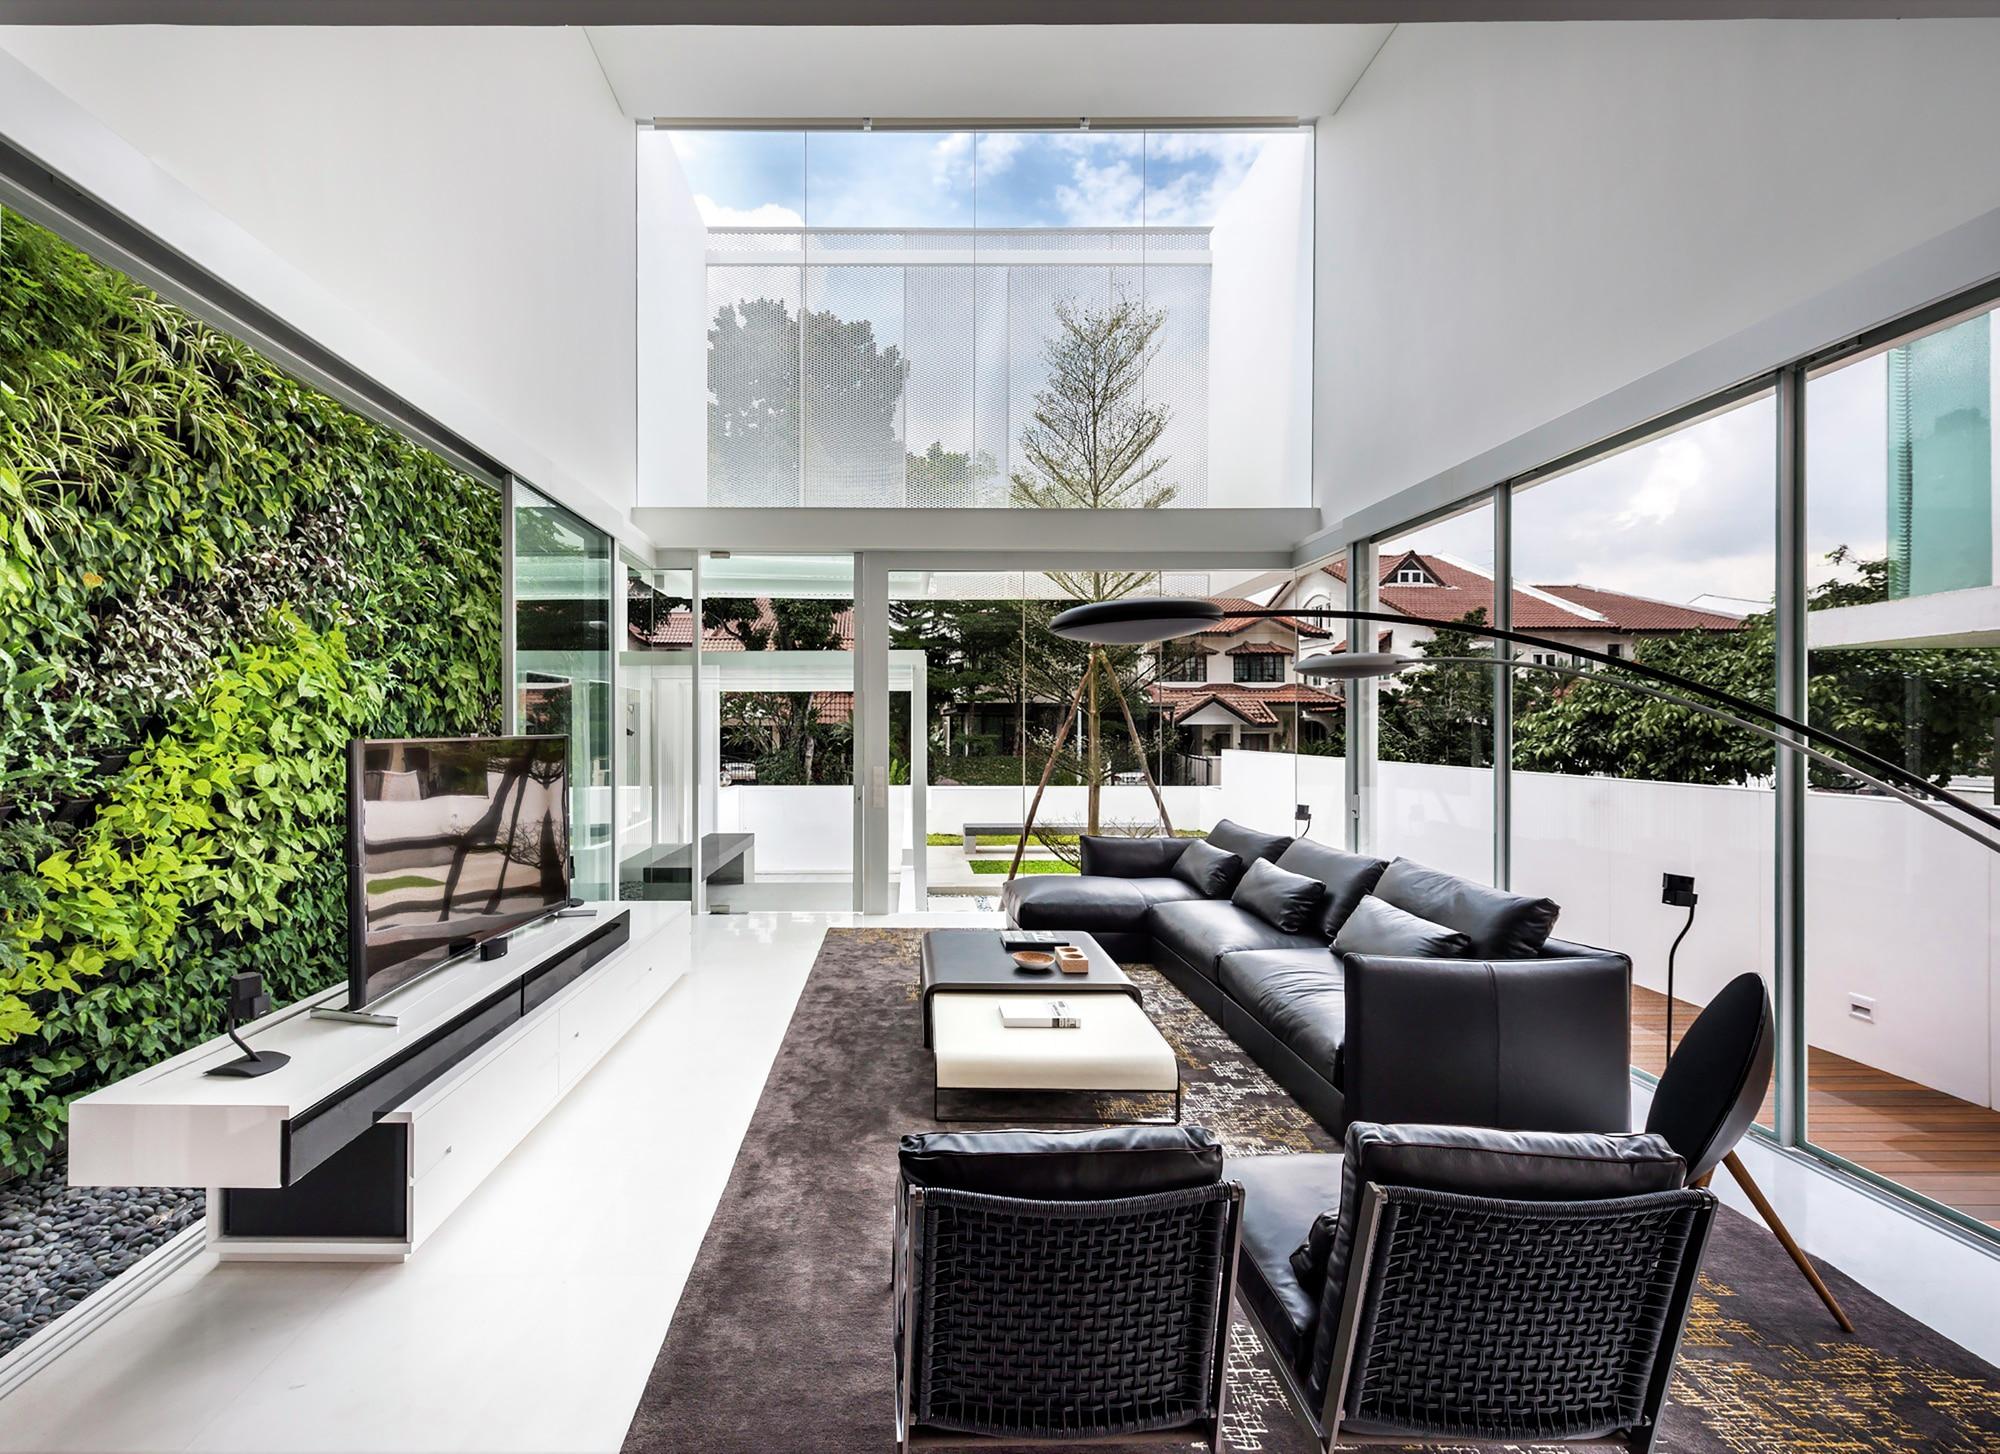 Casa moderna cuatro dormitorios construye hogar for Disenos de salas modernas